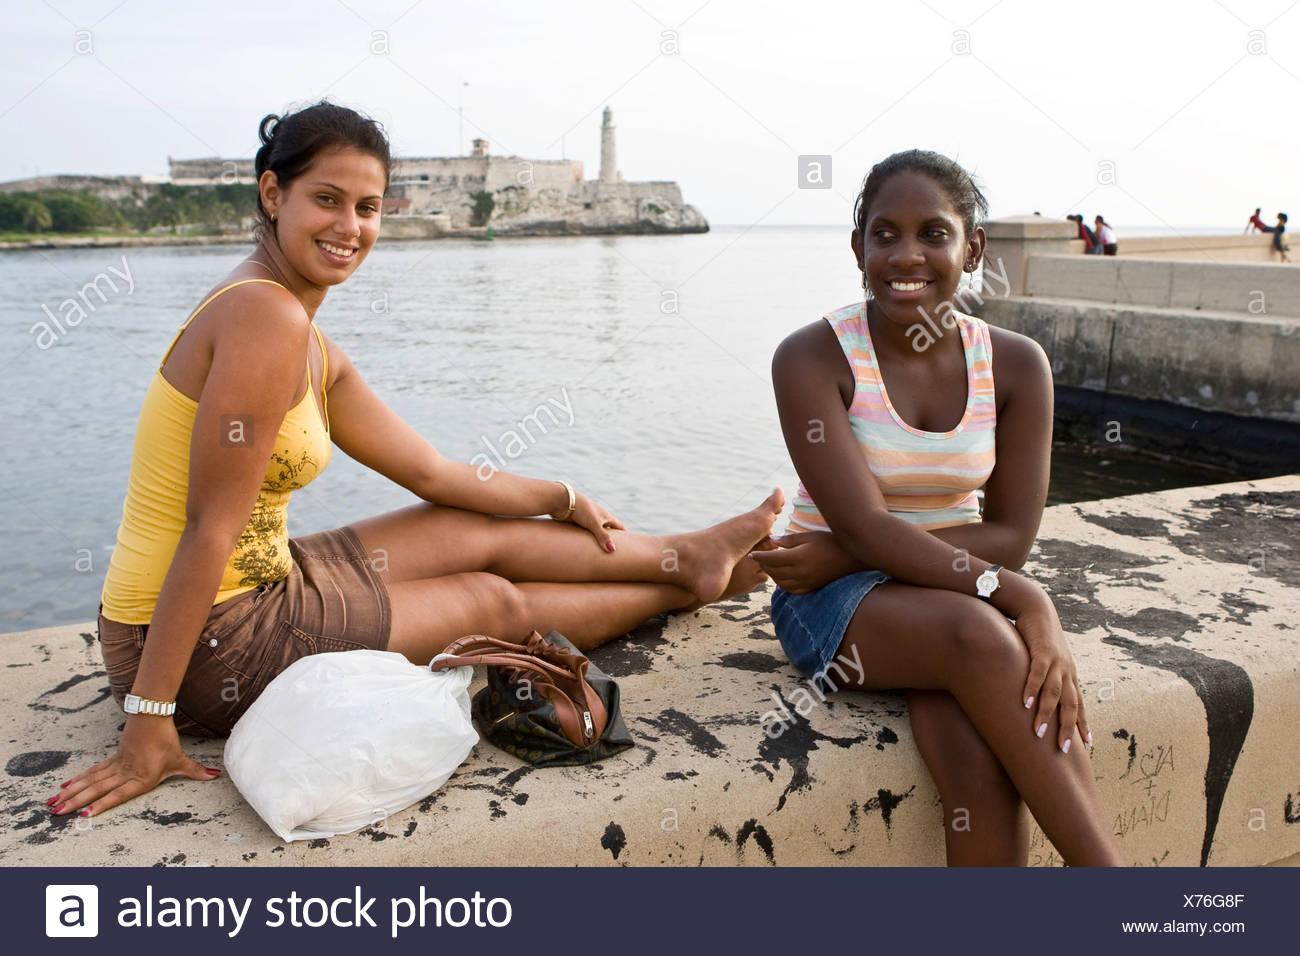 Di cuba ragazze Cuba: le